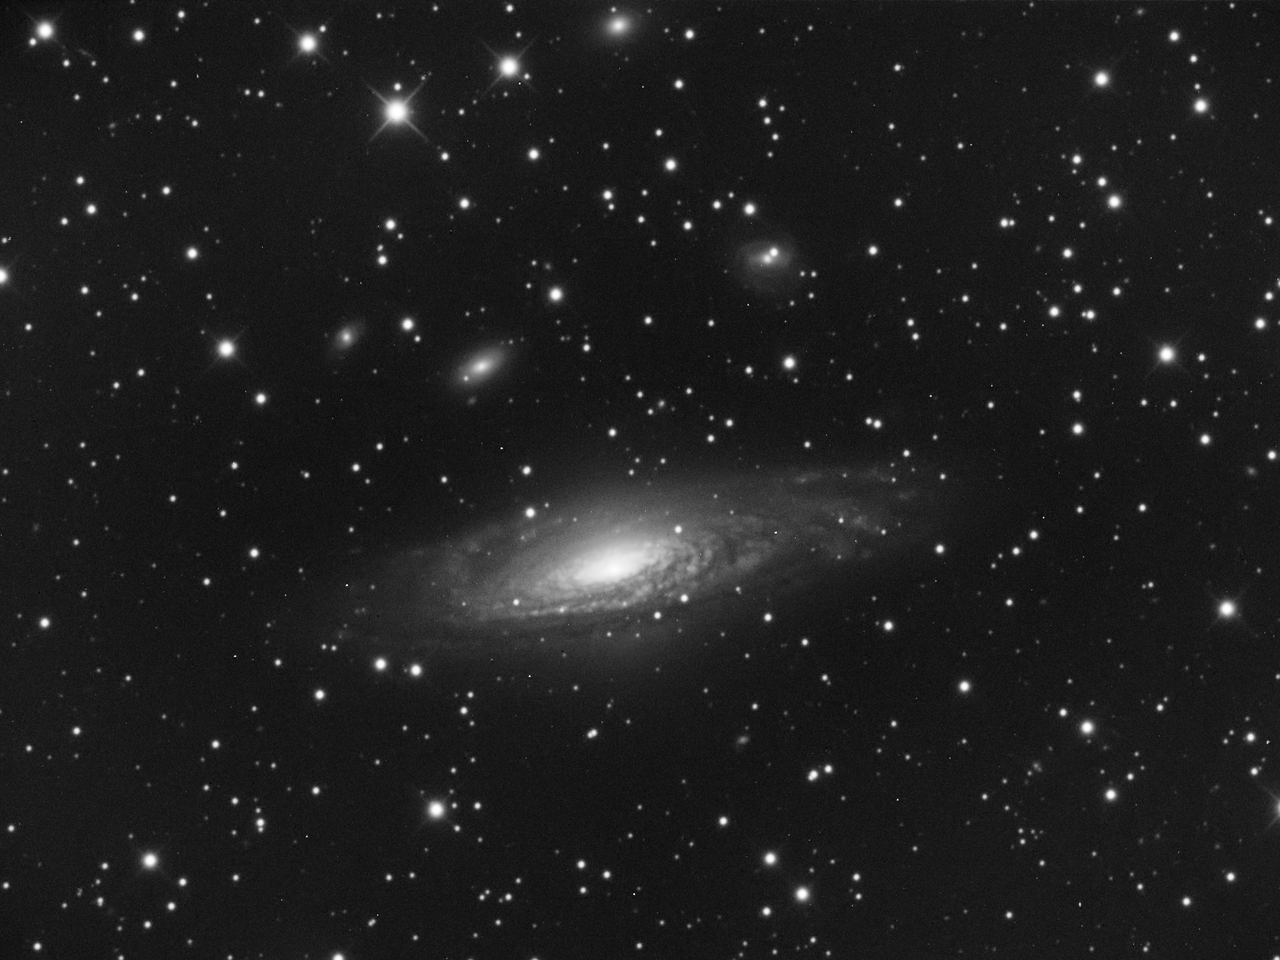 NGC 7331